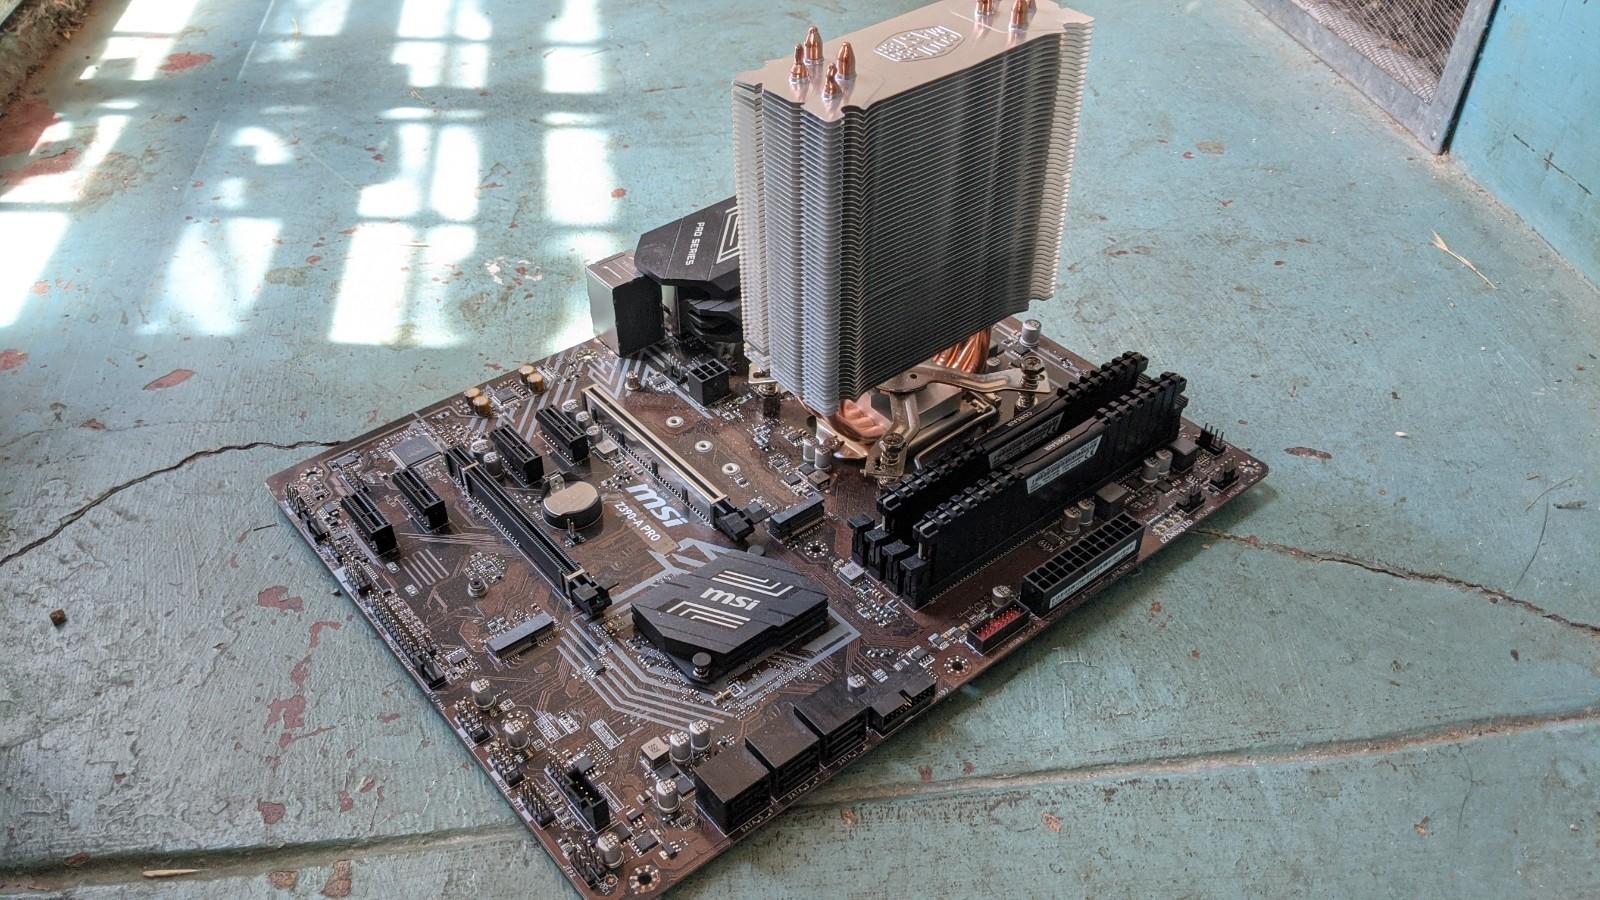 老外遛弯 在垃圾堆捡到i7/32GB/GTX1080台式机